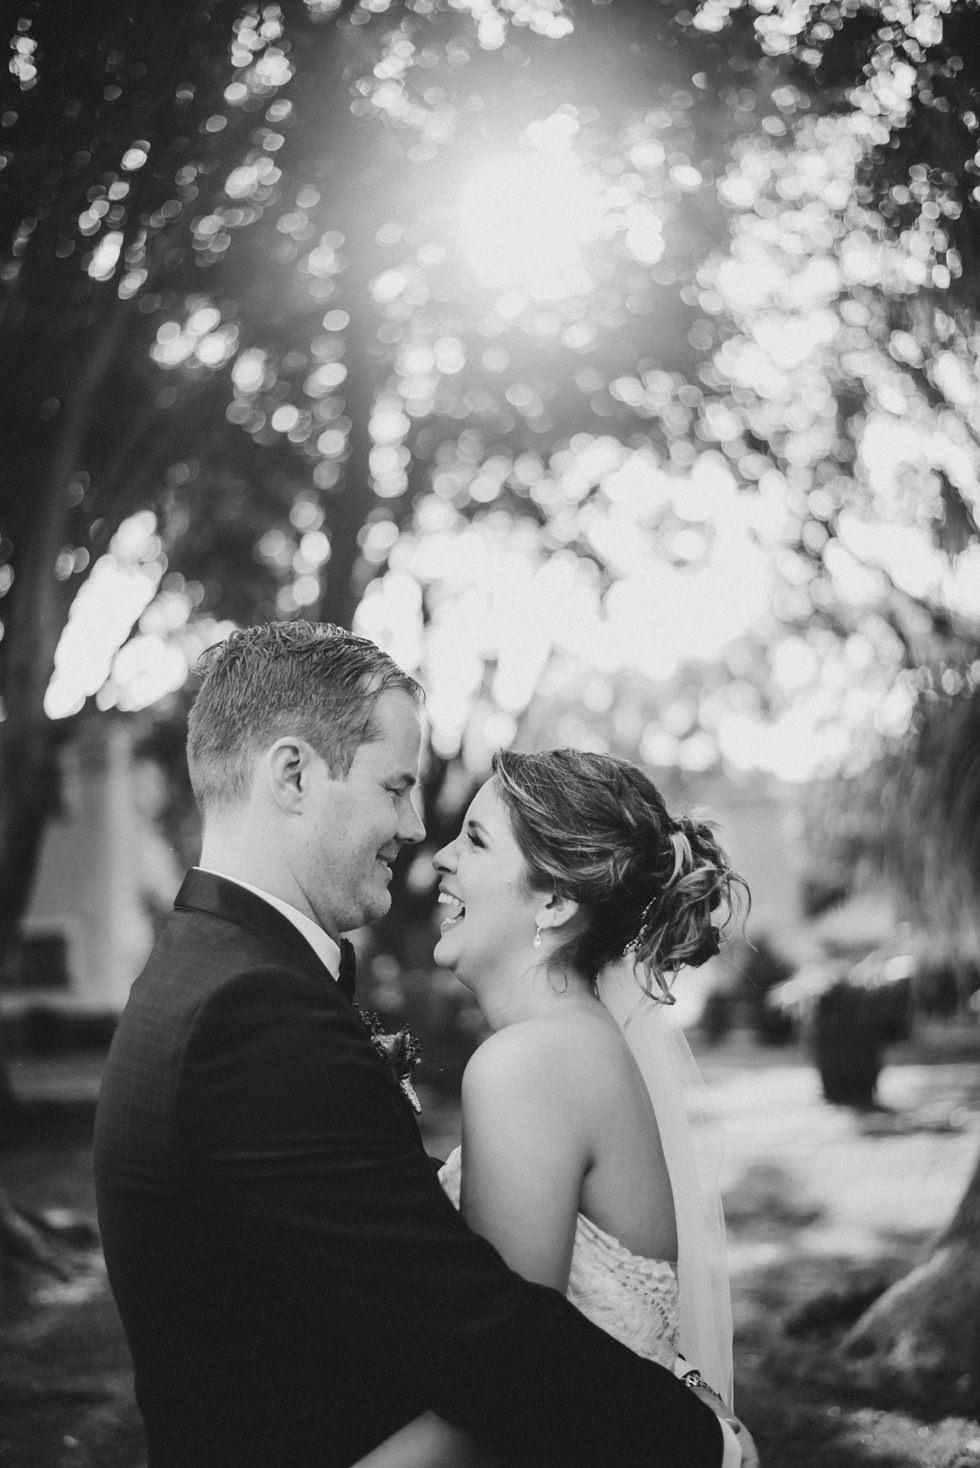 weddingdreams-fotografos_profesionales_de_bodas_1570.jpg